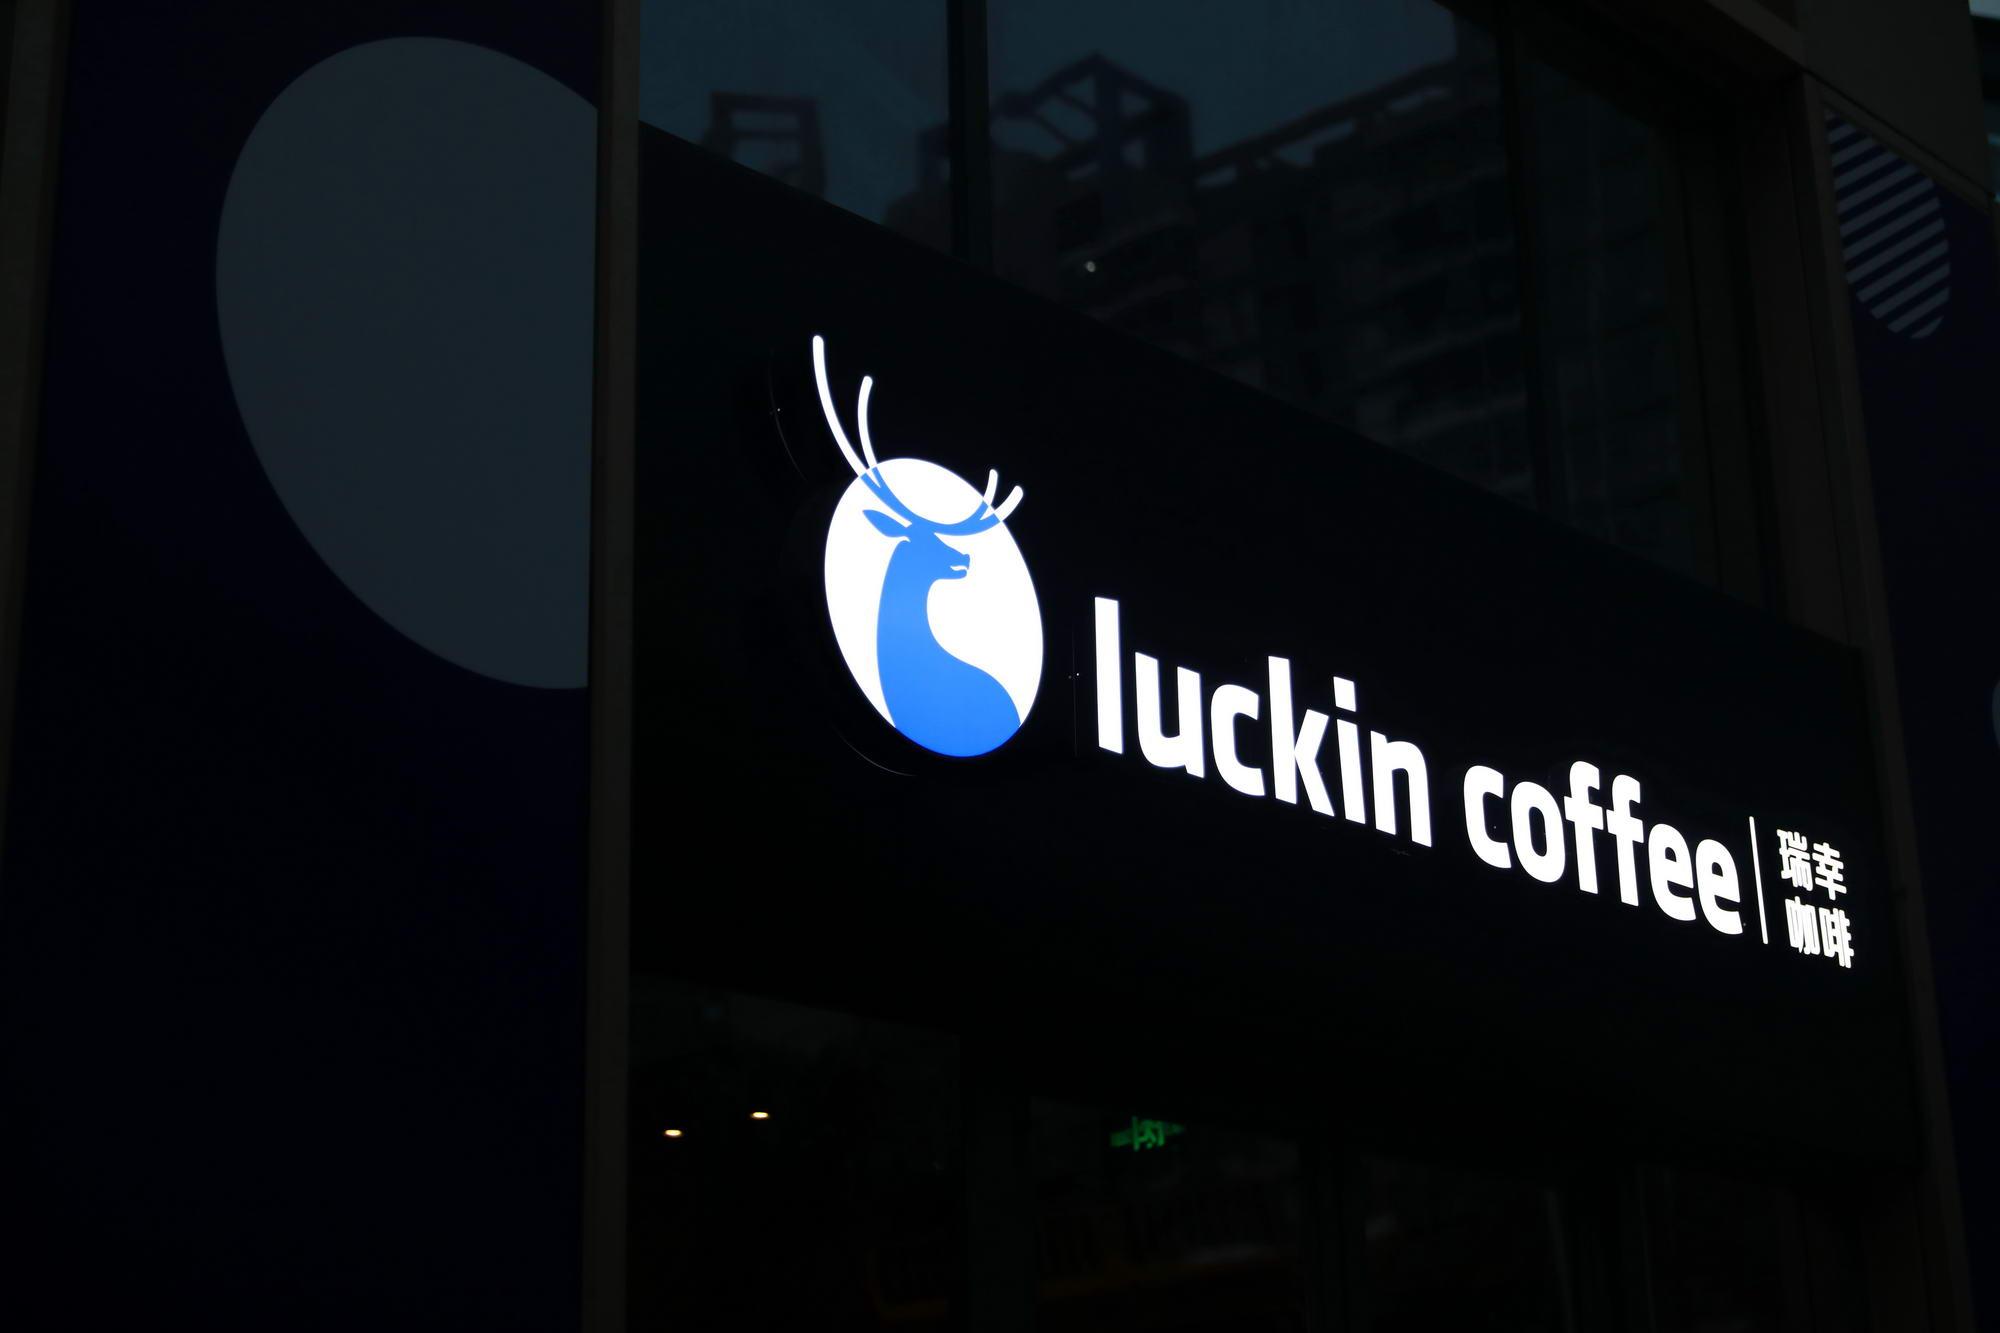 瑞幸咖啡今日停牌 全国4000多家门店将正常运营_零售_电商报